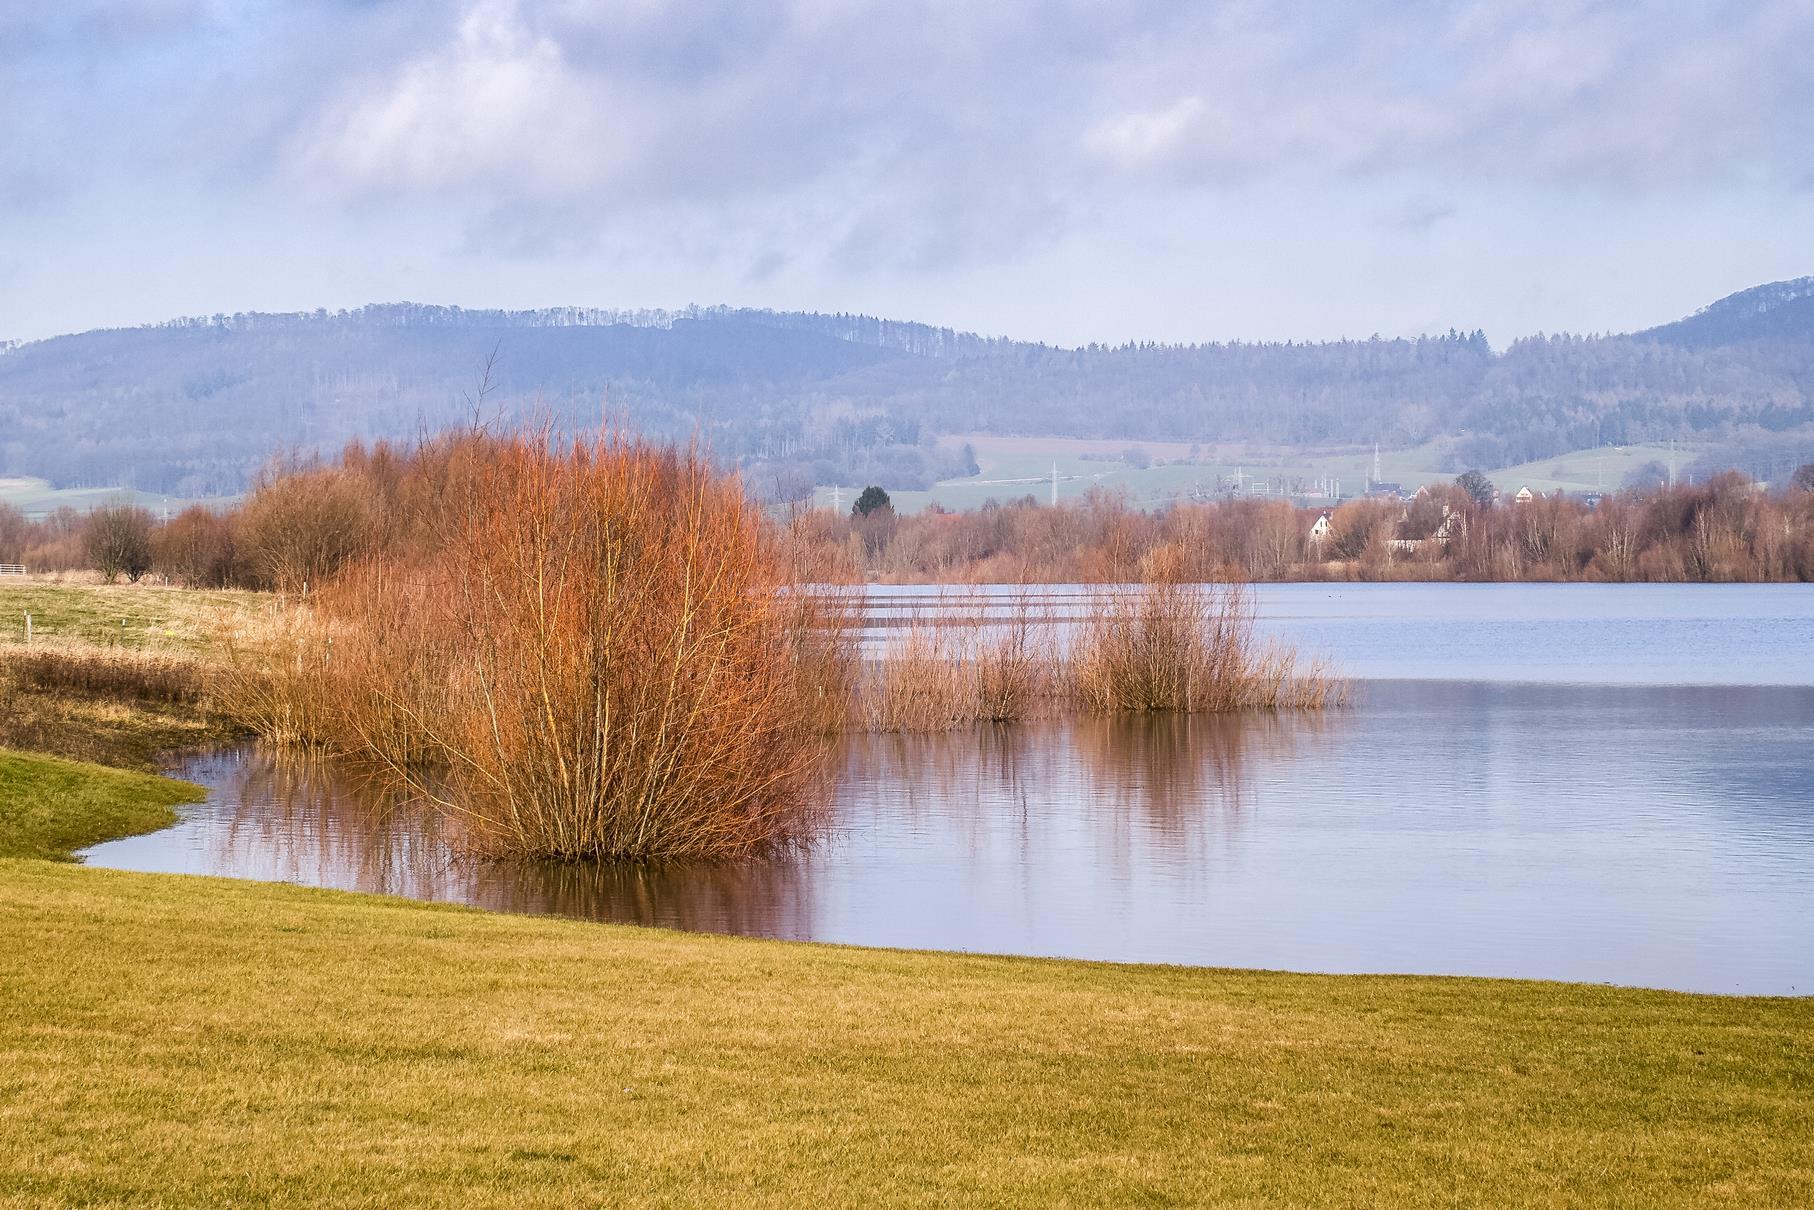 Das Hochwasser überspült die Uferbereiche am mittleren Teich.